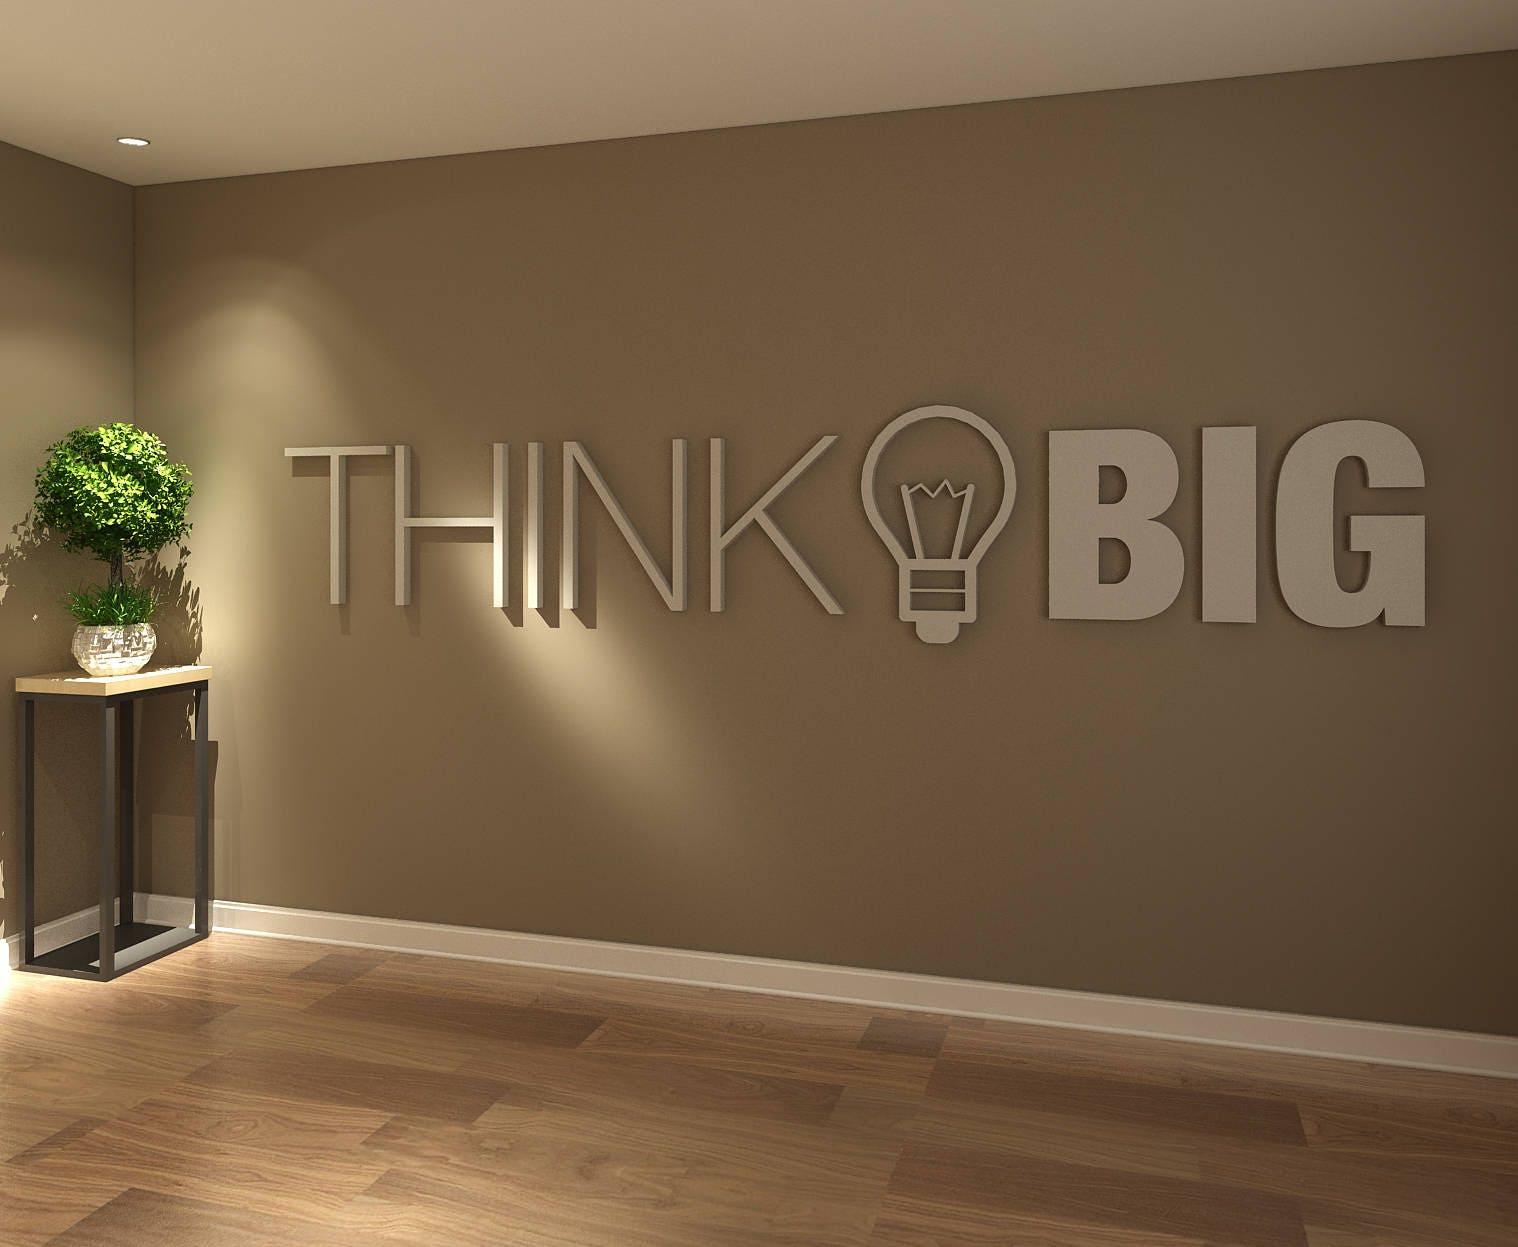 Think Big 3D Office Büro Dekoration Dekoration Wall Art | Etsy